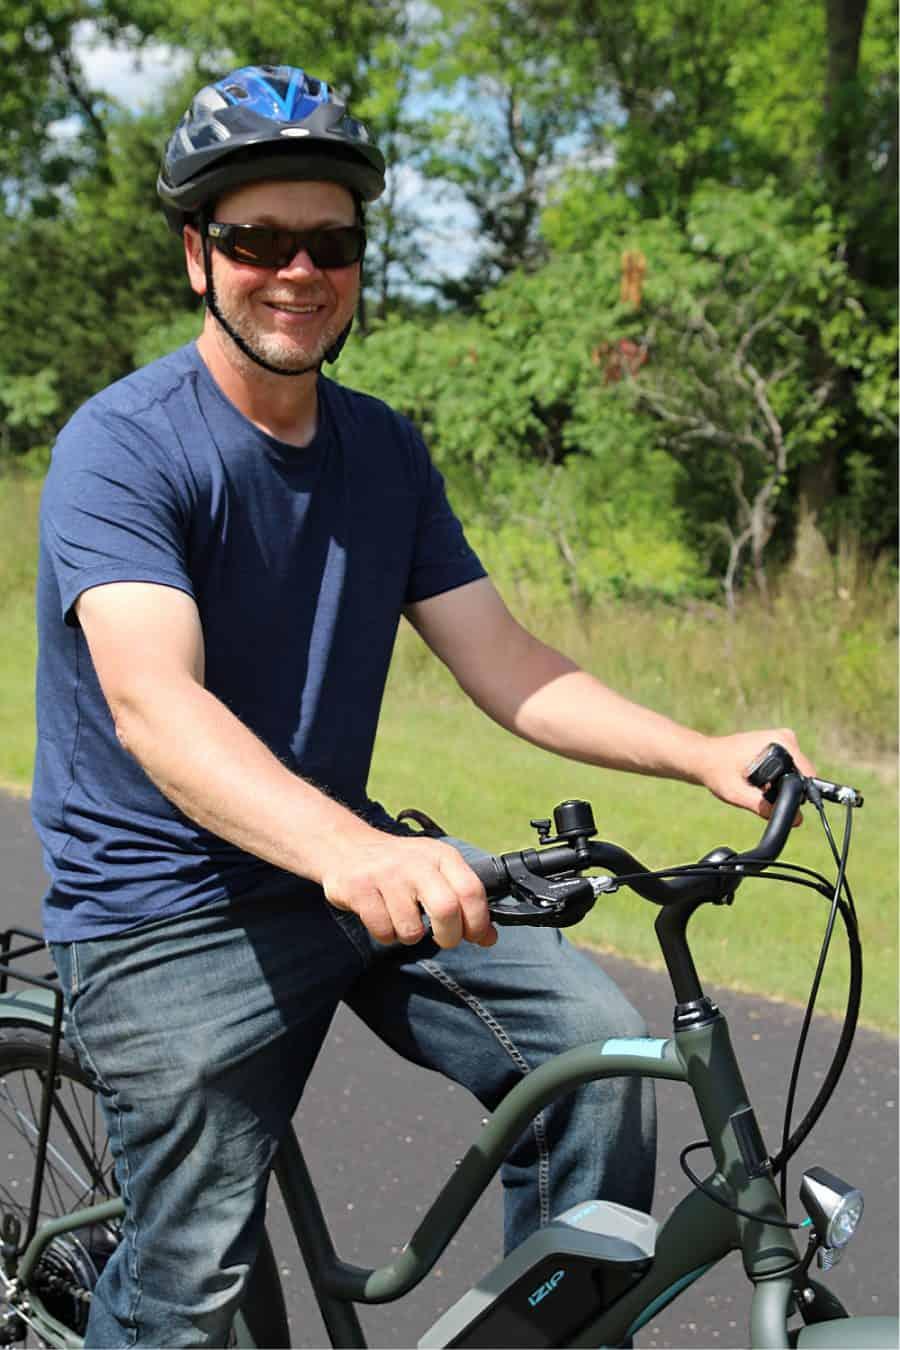 man on bike - Beginners Guide To Family Biking - iZip Simi Step Through Electric Bike